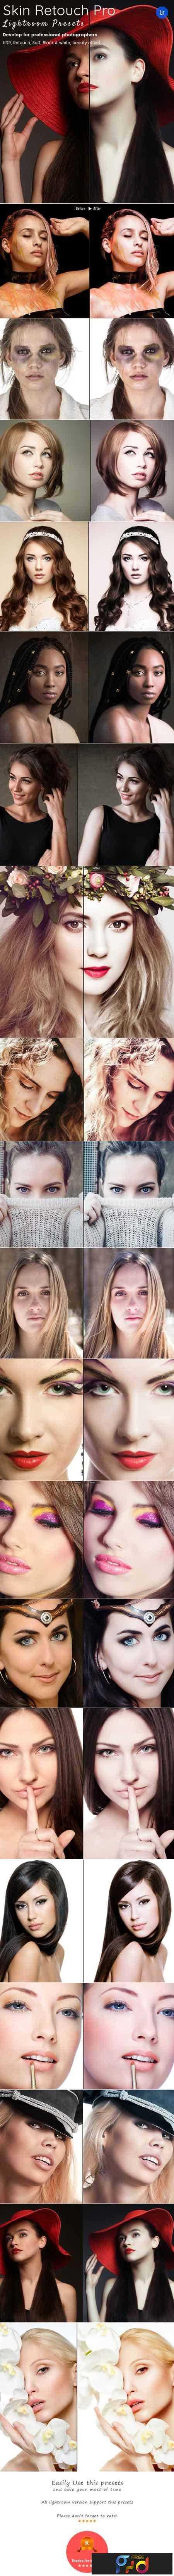 FreePsdVn.com_1705210_LIGHTROOM_skin_retouch_pro_lightroom_presets_20547747